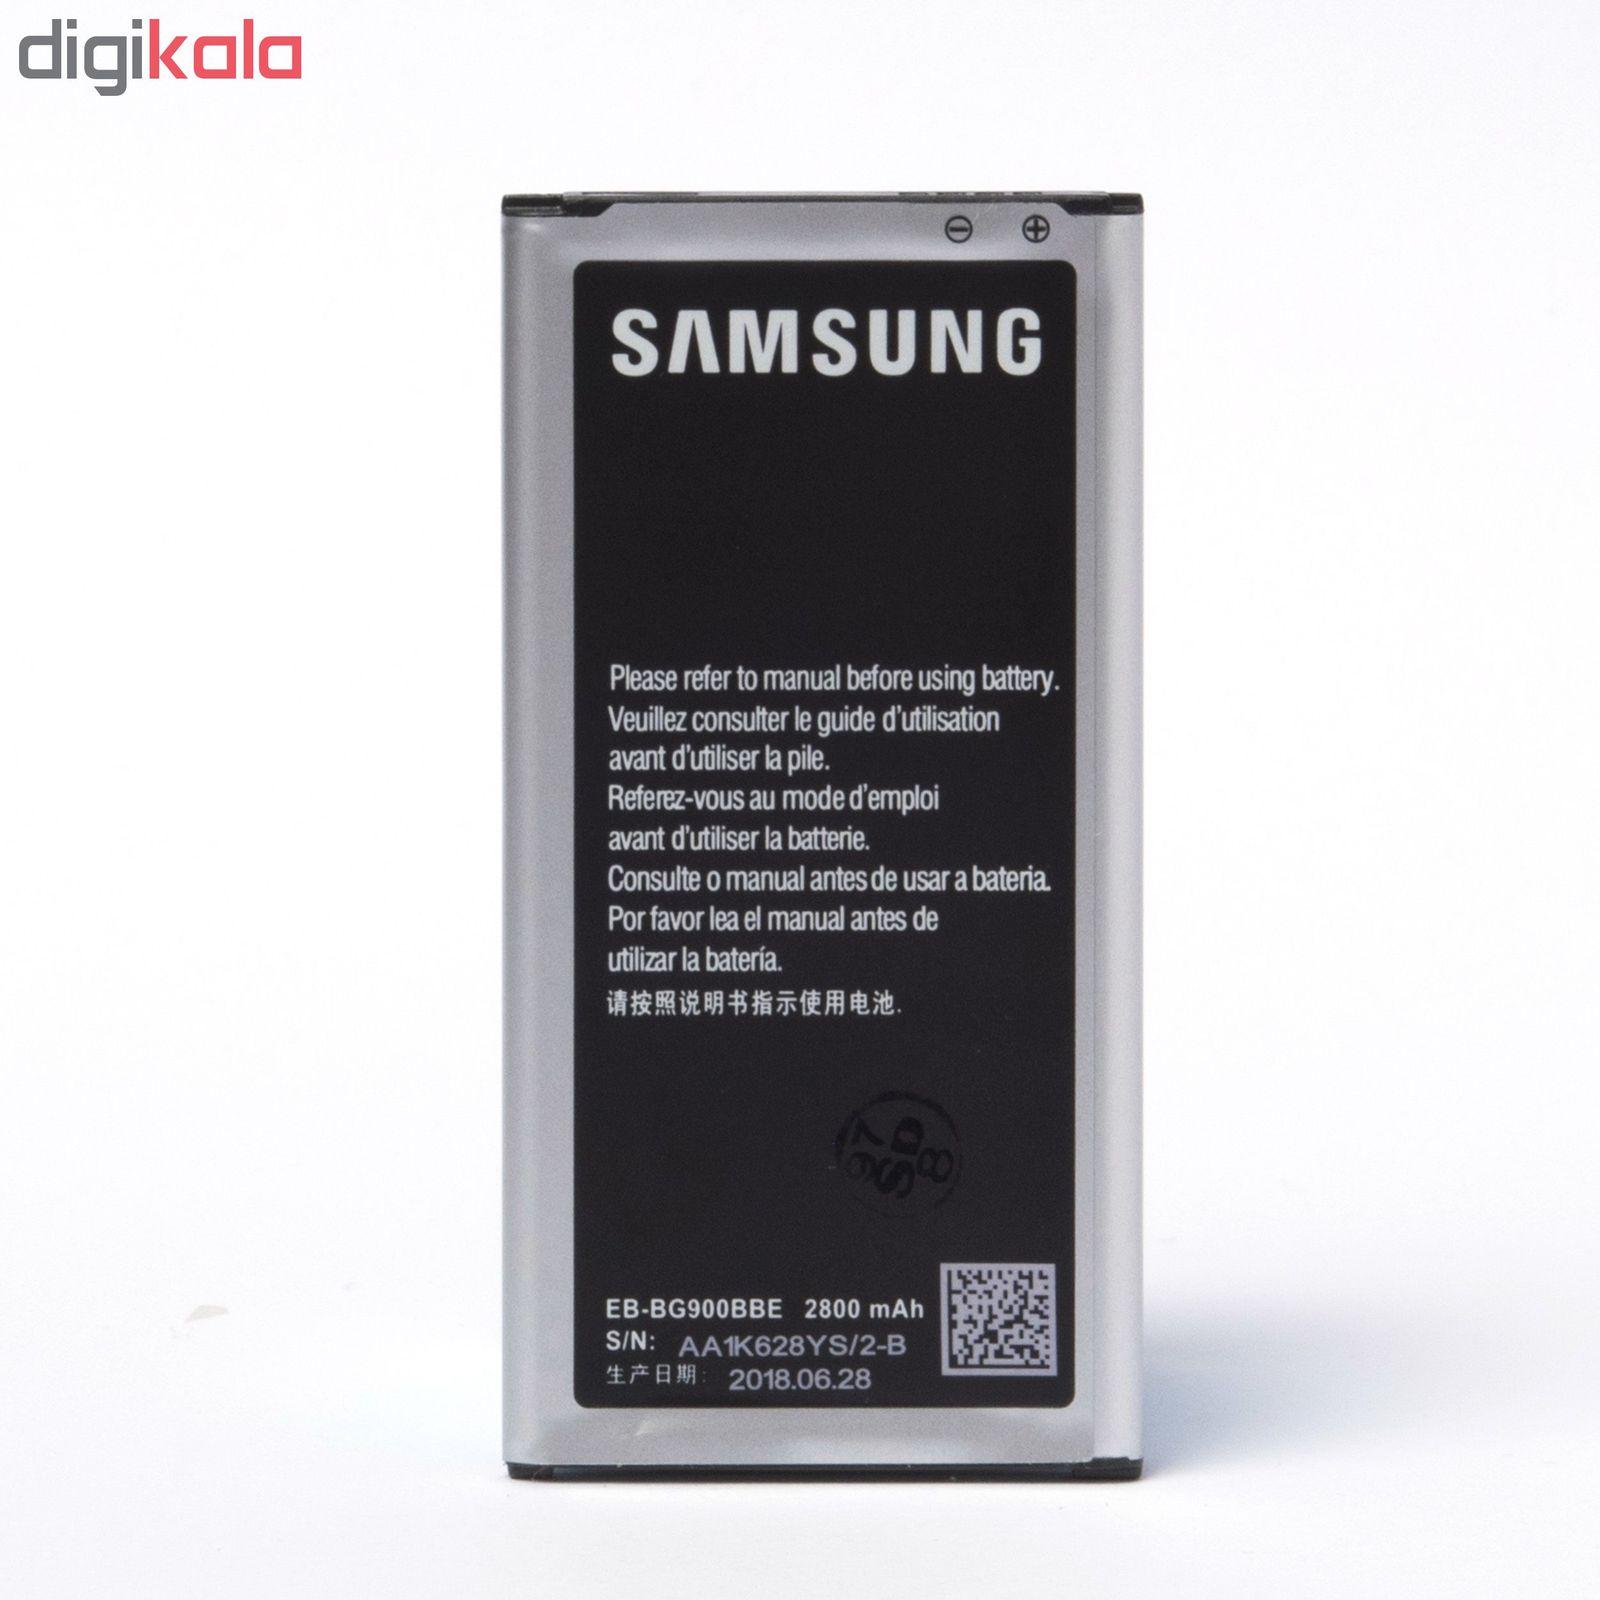 باتری موبایل مدل Galaxy S5 با ظرفیت 2800mAh مناسب برای گوشی موبایل سامسونگ Galaxy S5 main 1 3